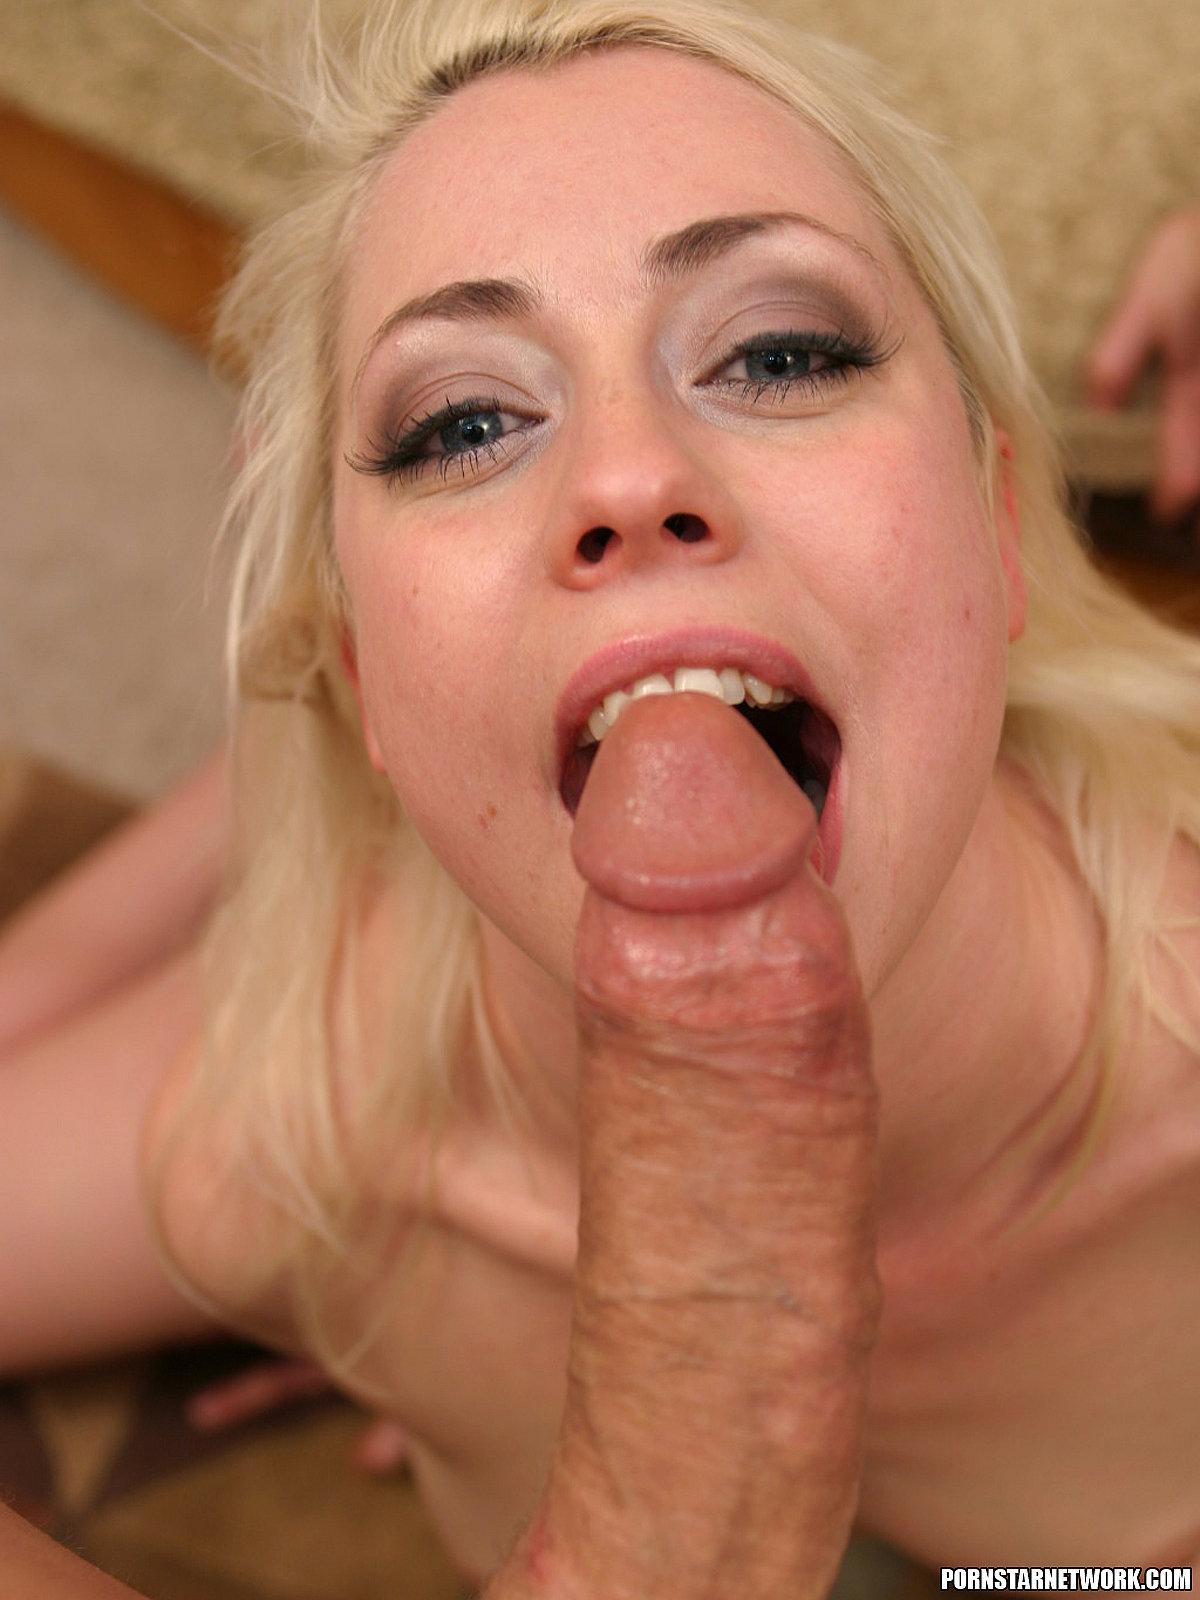 Cute blonde blowjob